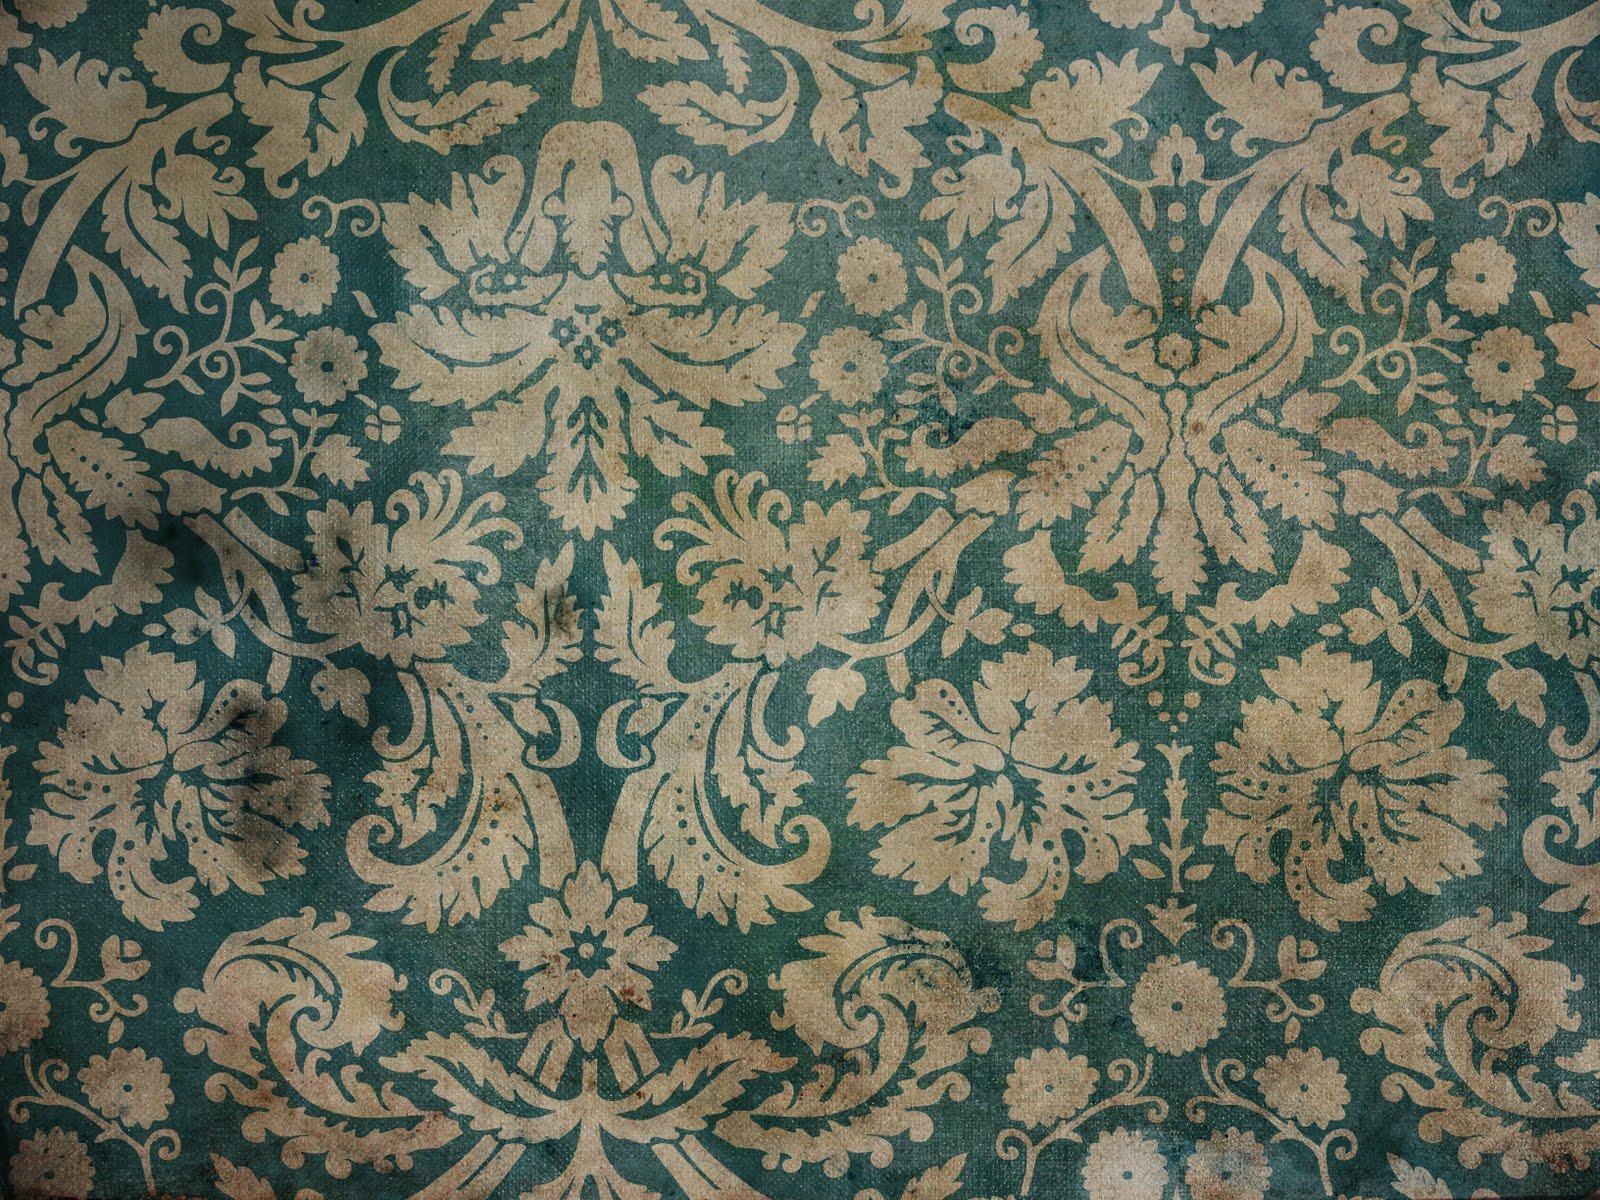 Vintage Wallpaper 13826